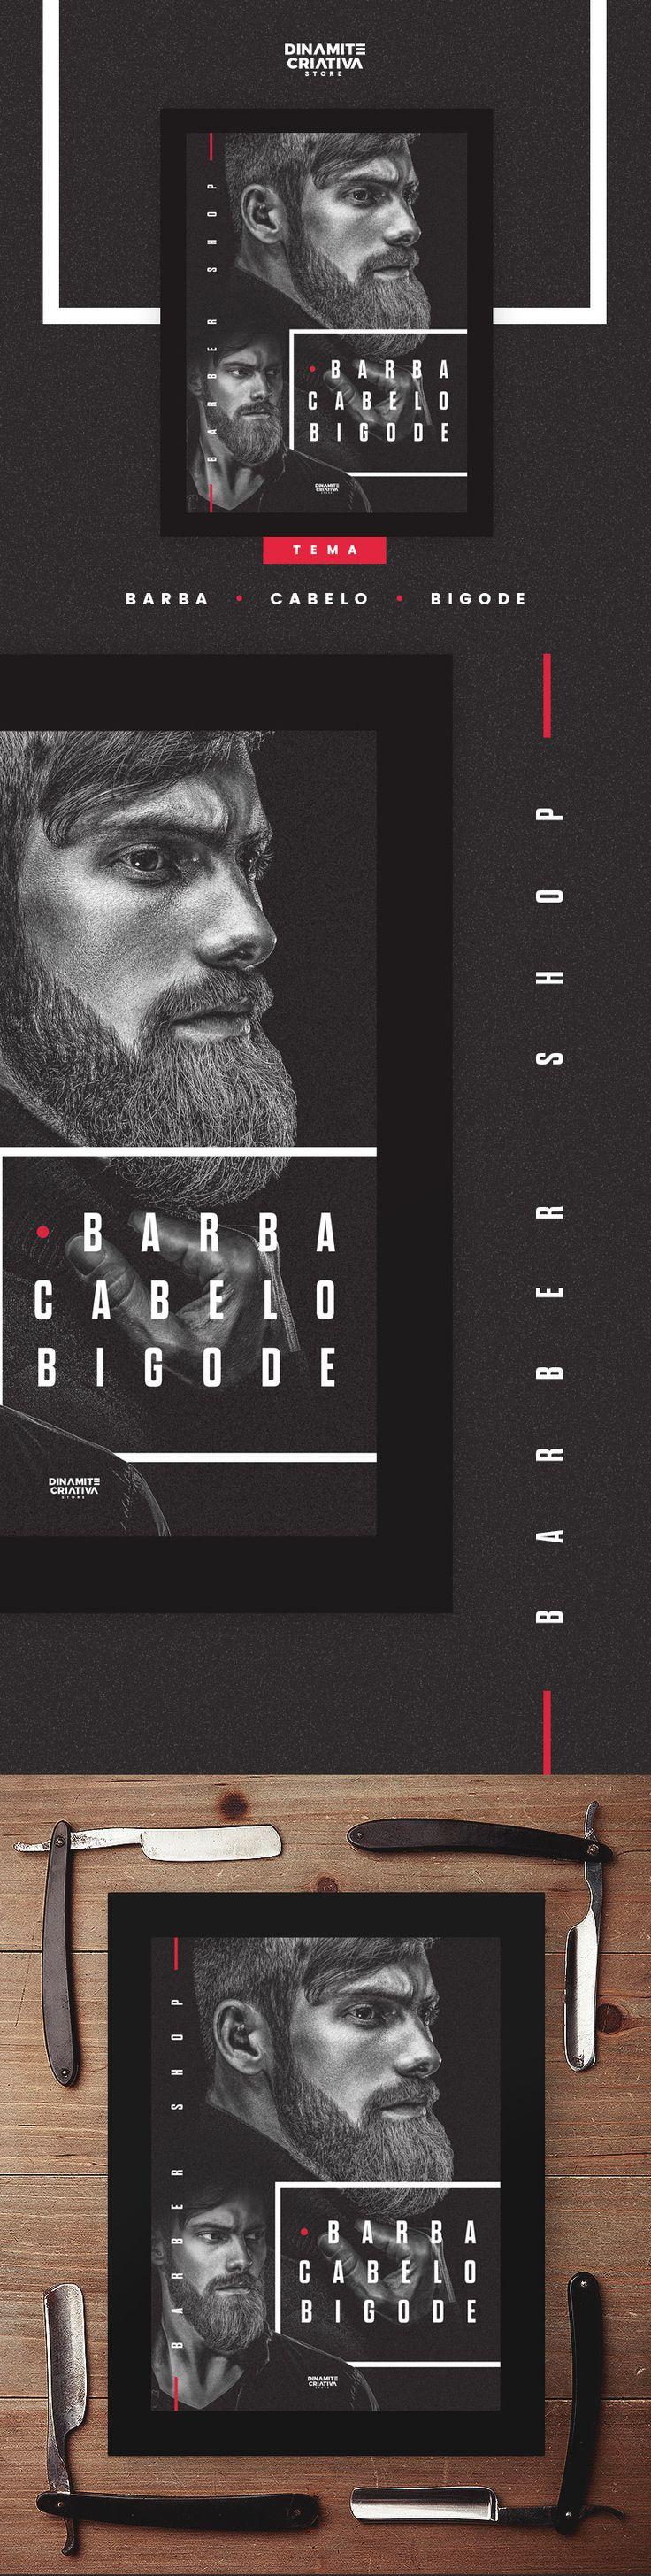 Barber Shop - Barba, Cabelo e Bigode - by Dinamite Criativa